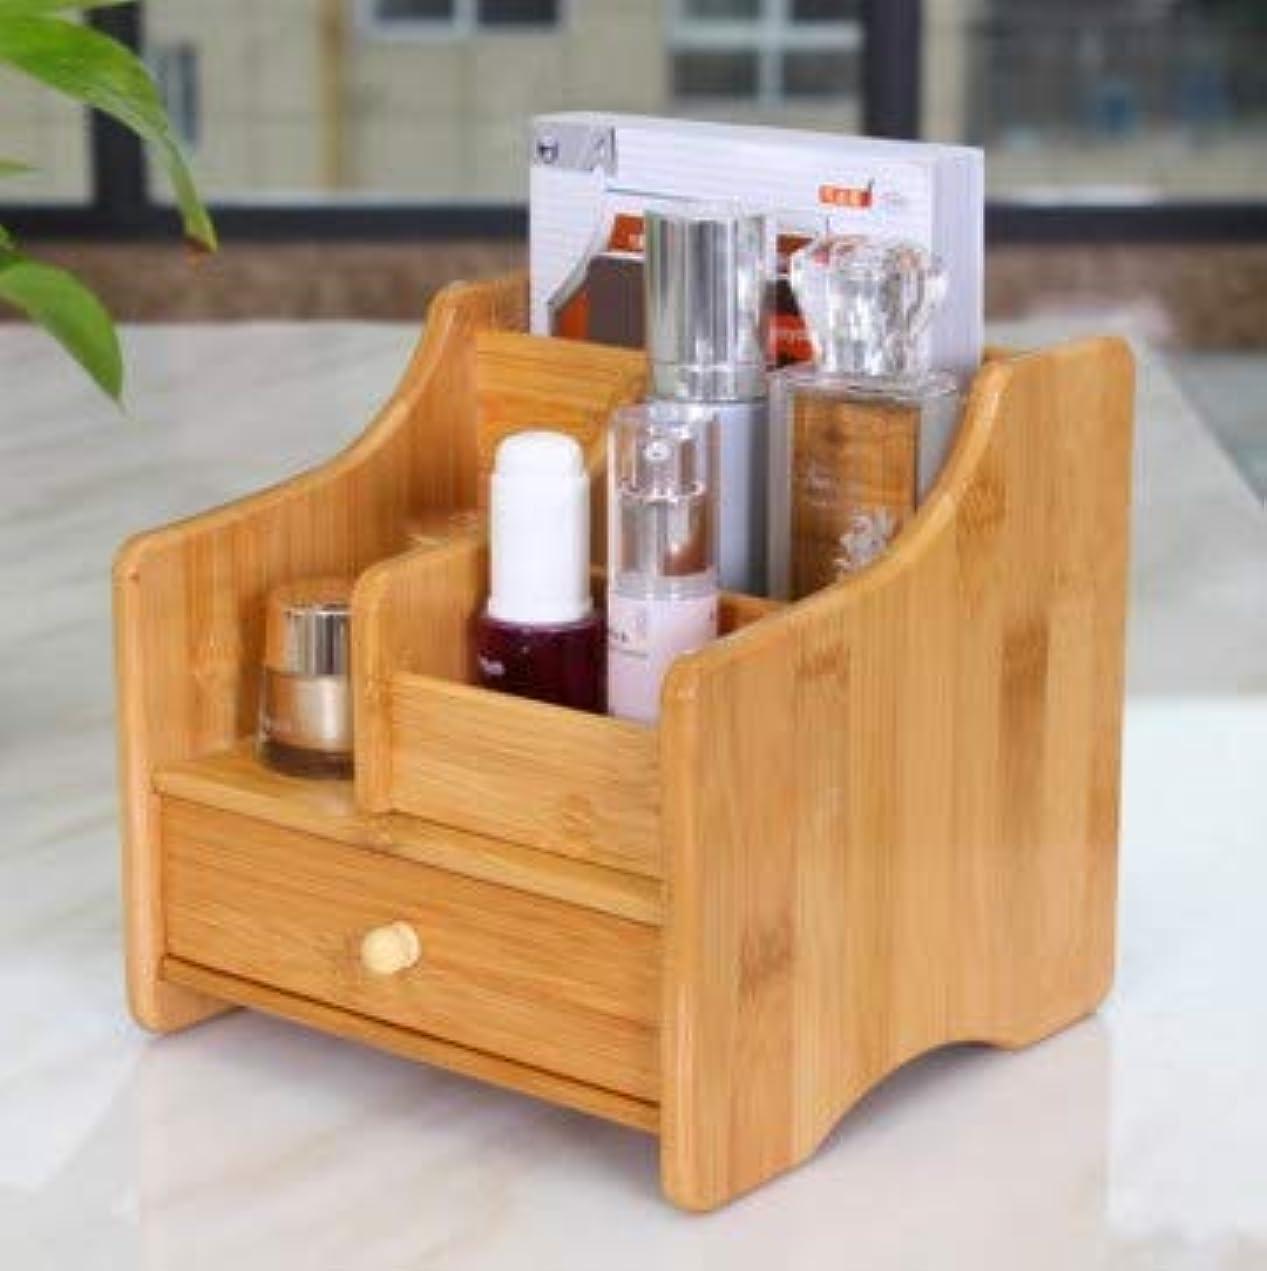 電化する個人的な飢饉竹デスクトップリモコン収納ボックスデスクトップ化粧品文房具竹棚化粧品収納ボックス